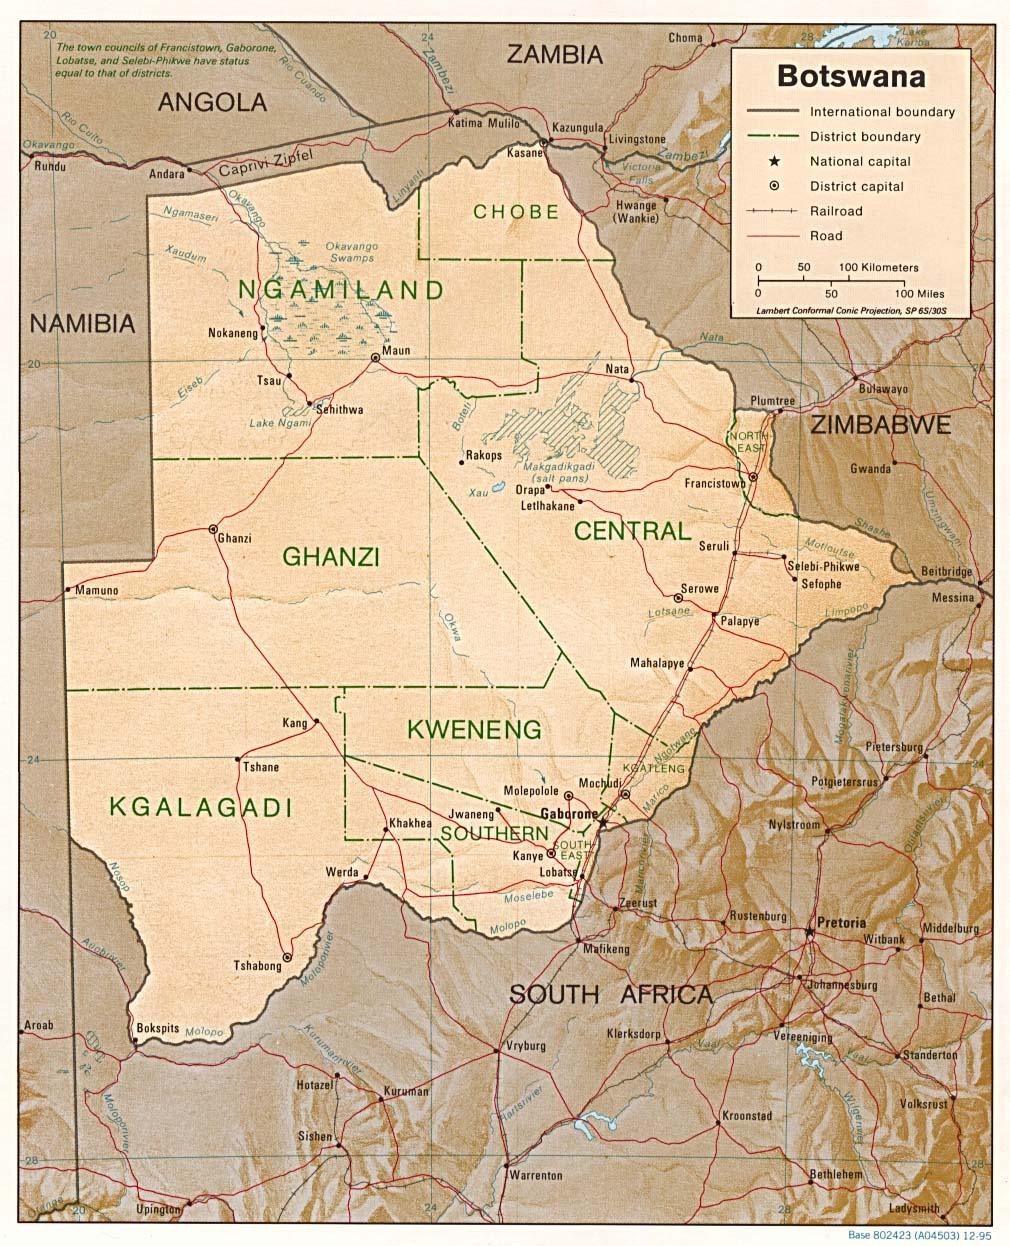 خريطة بوتسوانا الجُغرافية